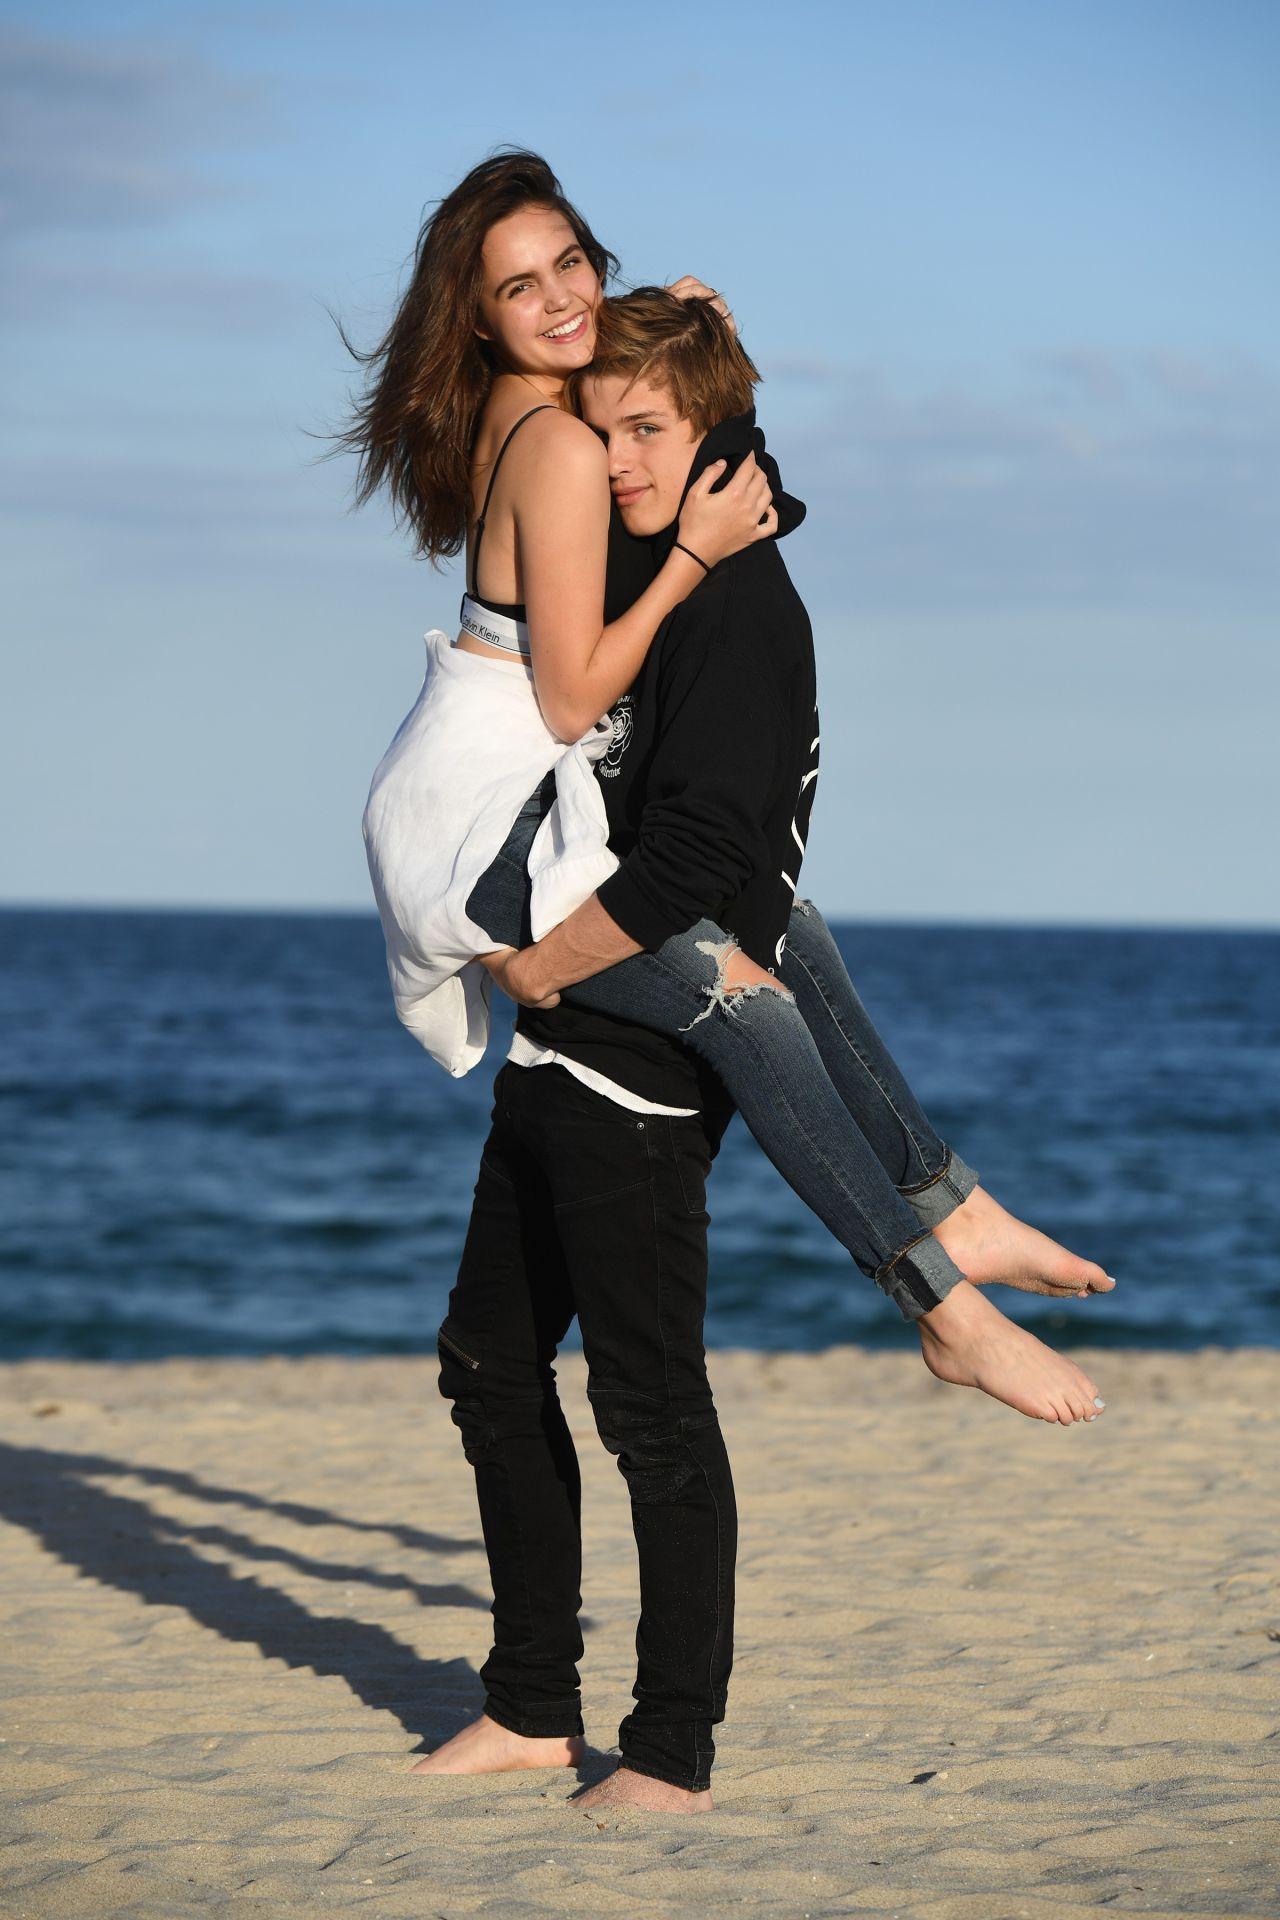 Bailee Madison Photoshoot With Her Boyfriend Alex Lange